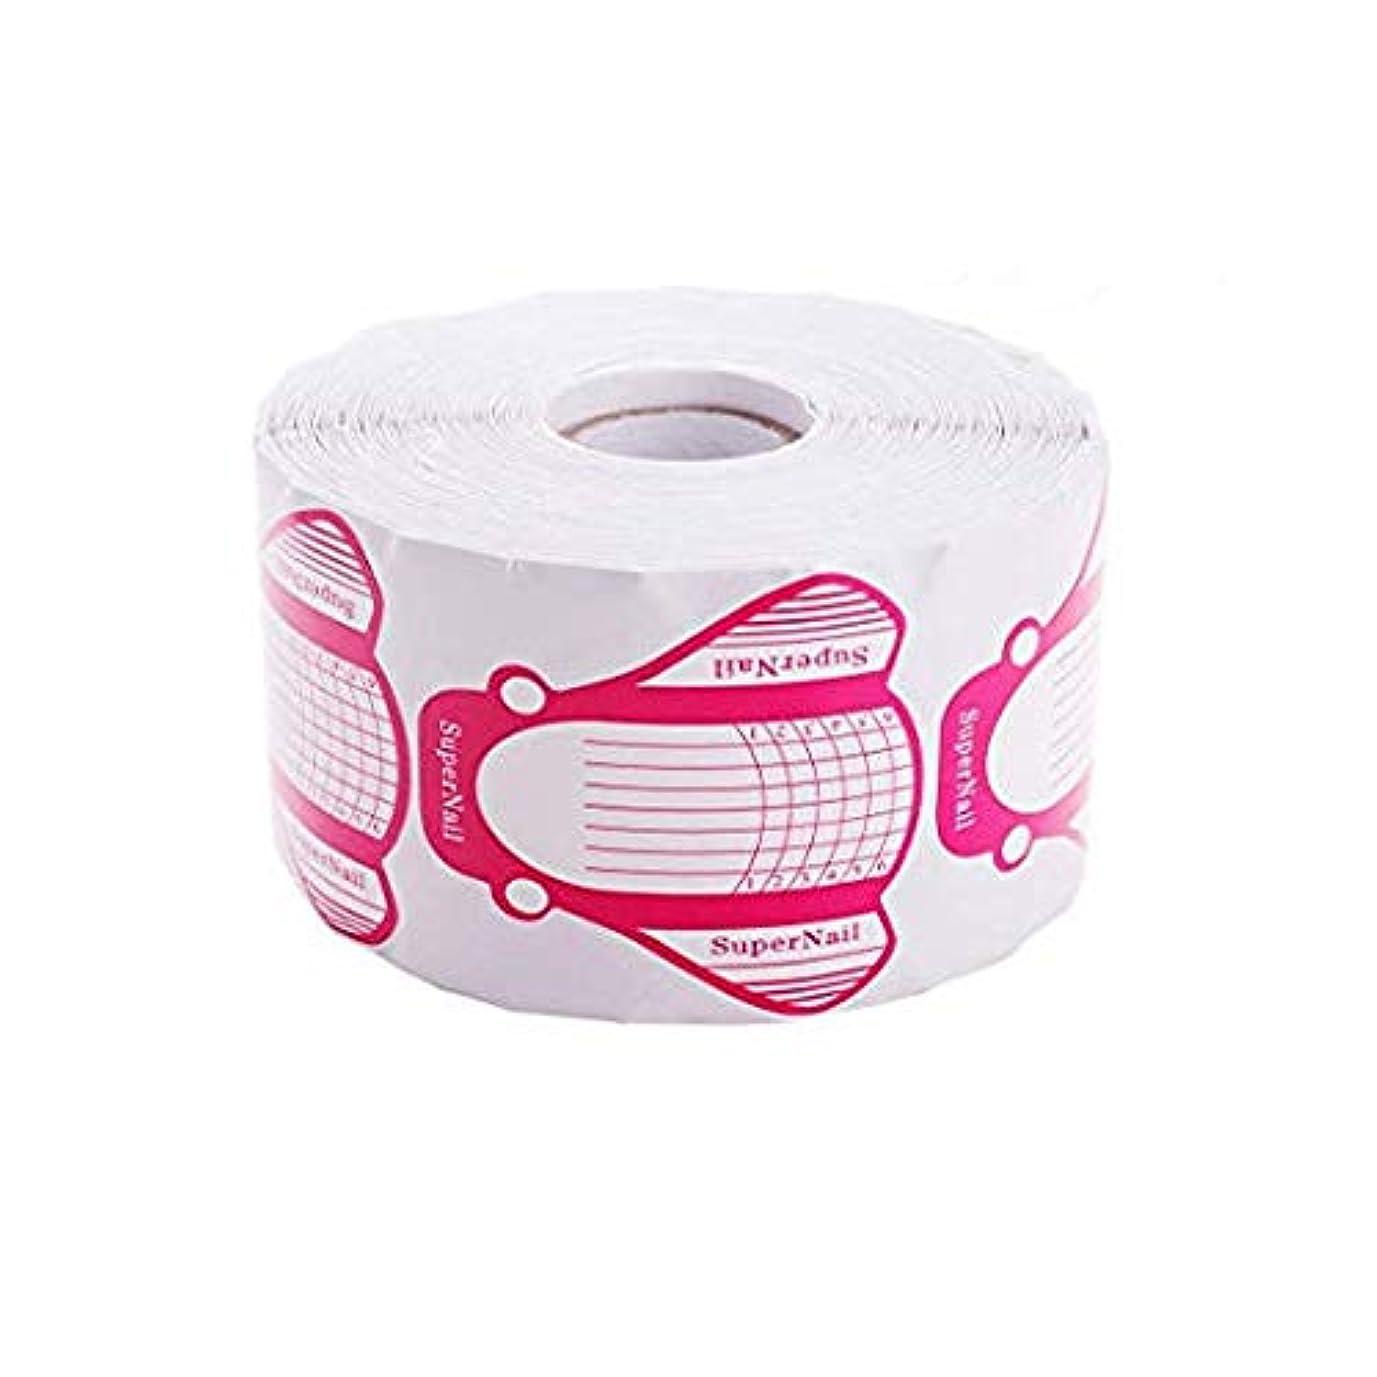 常にはしご汚いMakartt ネイルフォーム ネイル アート 長さだし用ネイルフォーム プロ用 3色 500枚入り (ピンク)